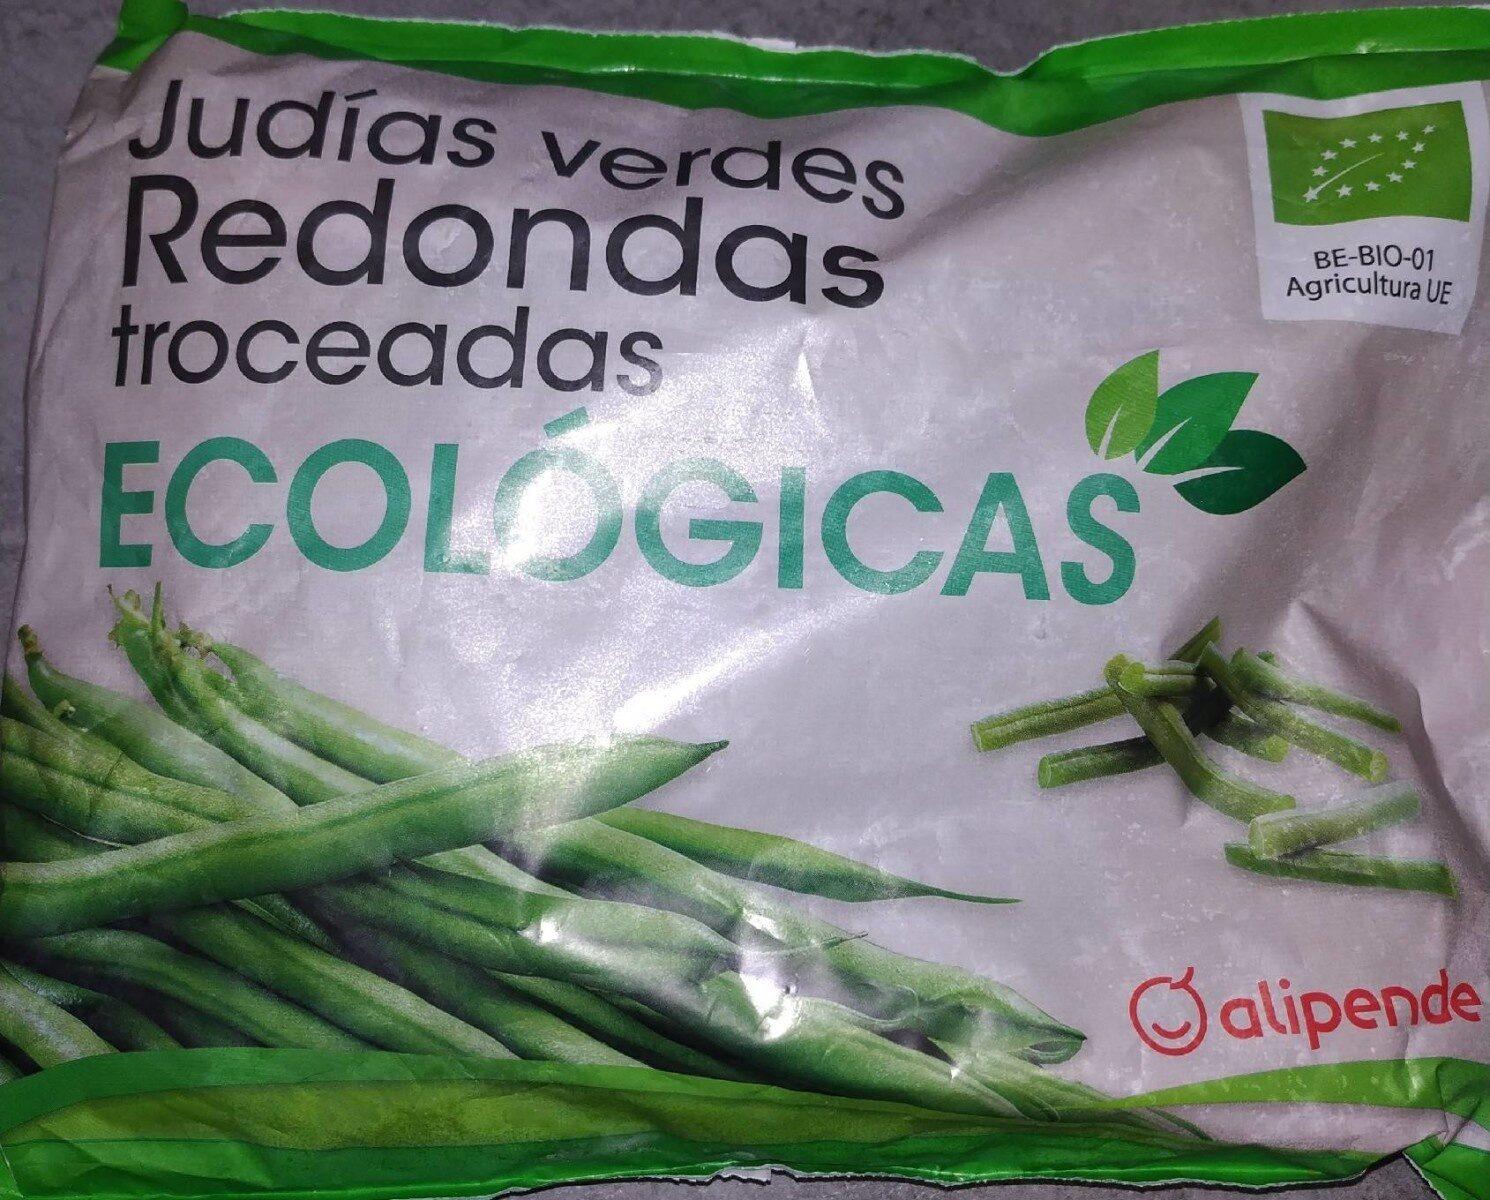 Judias verdes troceadas ecológicas - Producto - es